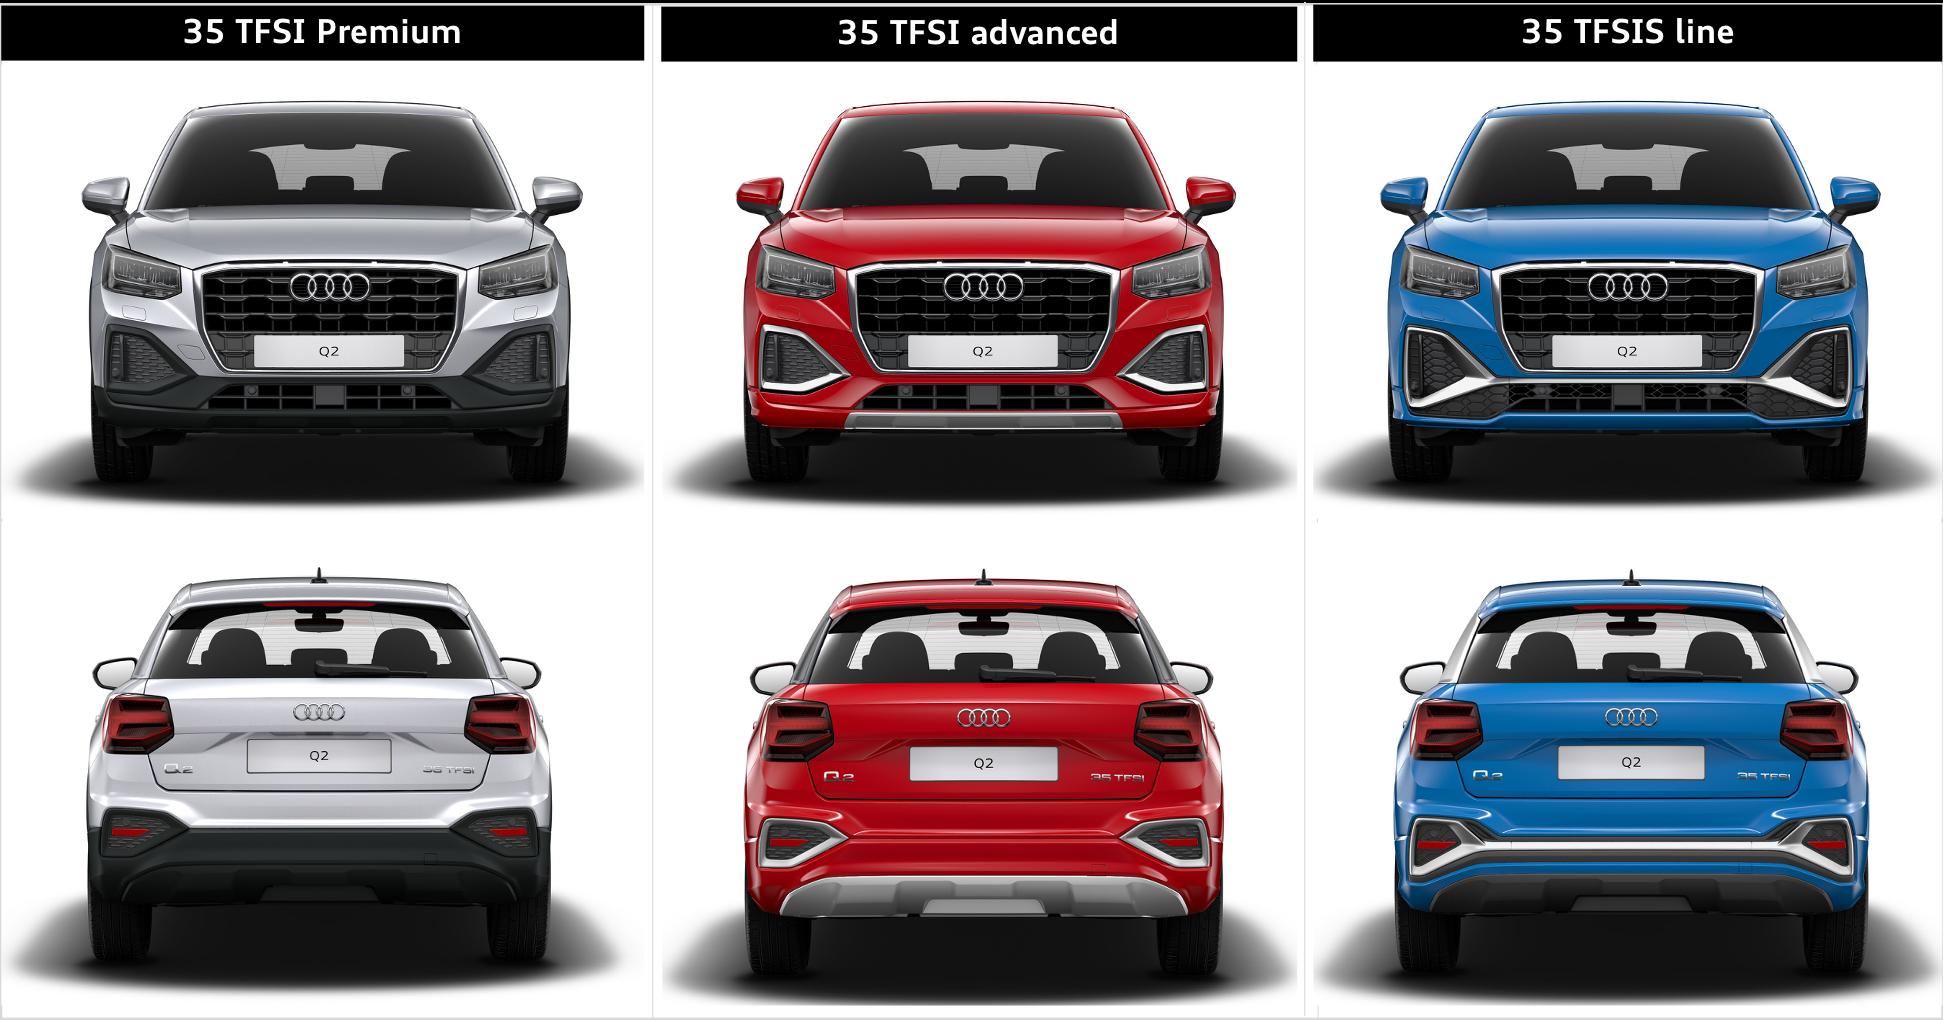 從此對比圖可以發現不同車型於保桿與氣壩造型的差異。